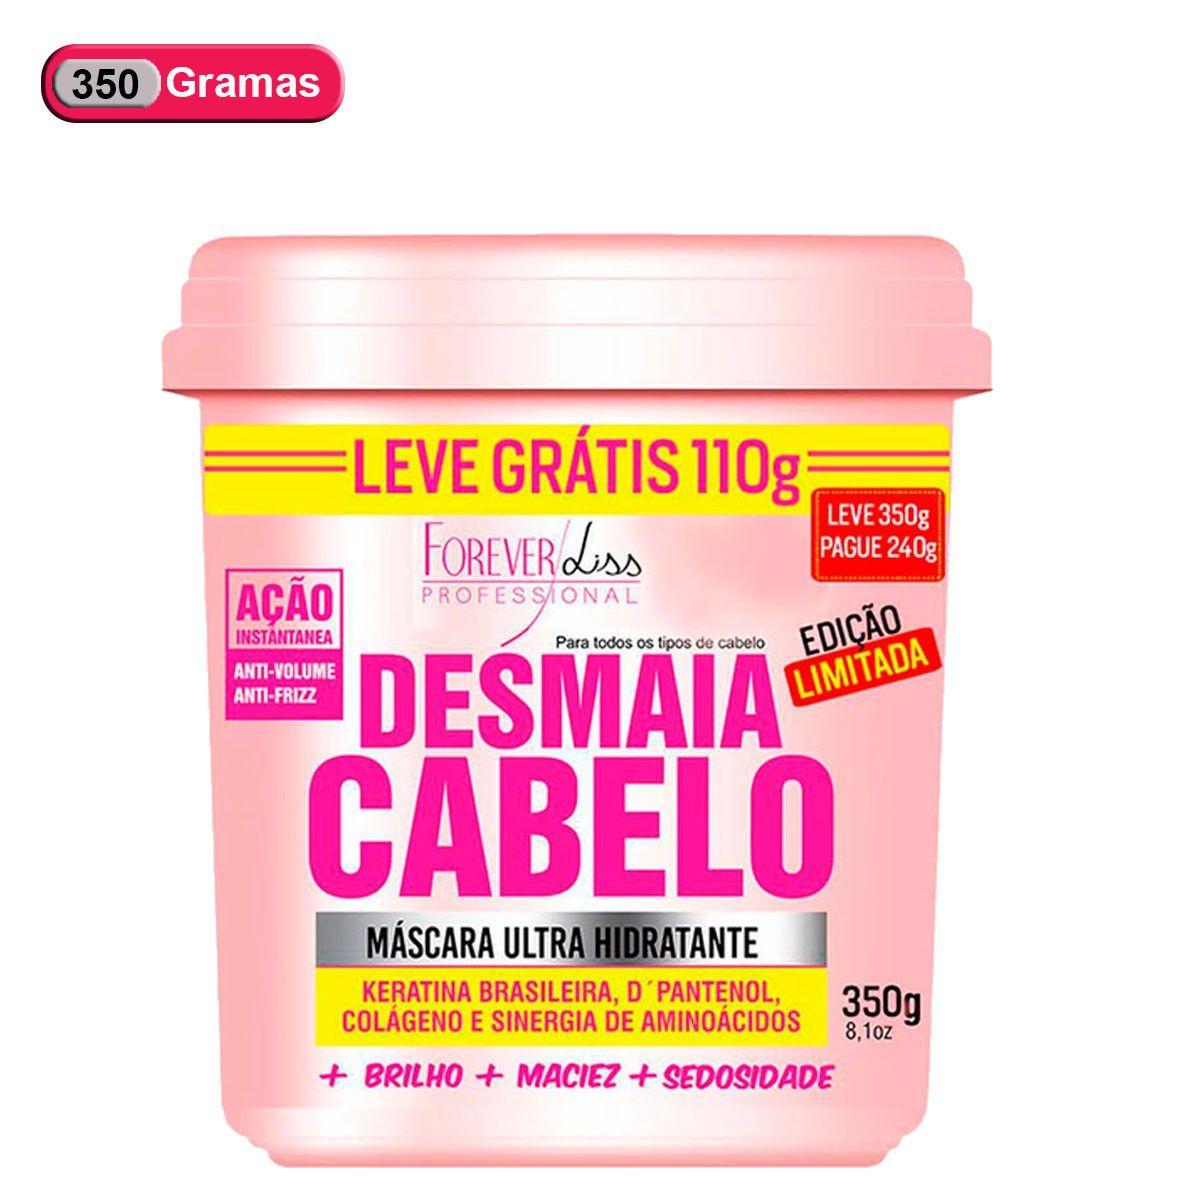 Forever Liss Máscara Ultra Hidratante Desmaia Cabelo 350g - Edição Especial